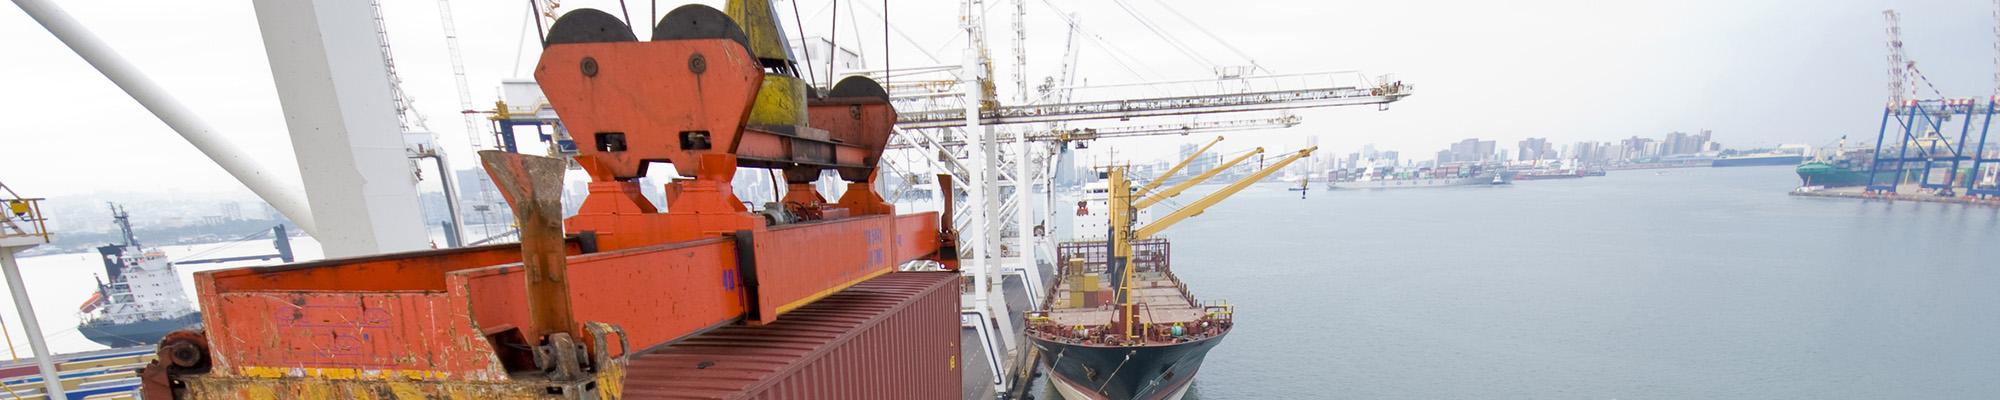 AM Group : votre expert spécialiste des transports maritimes